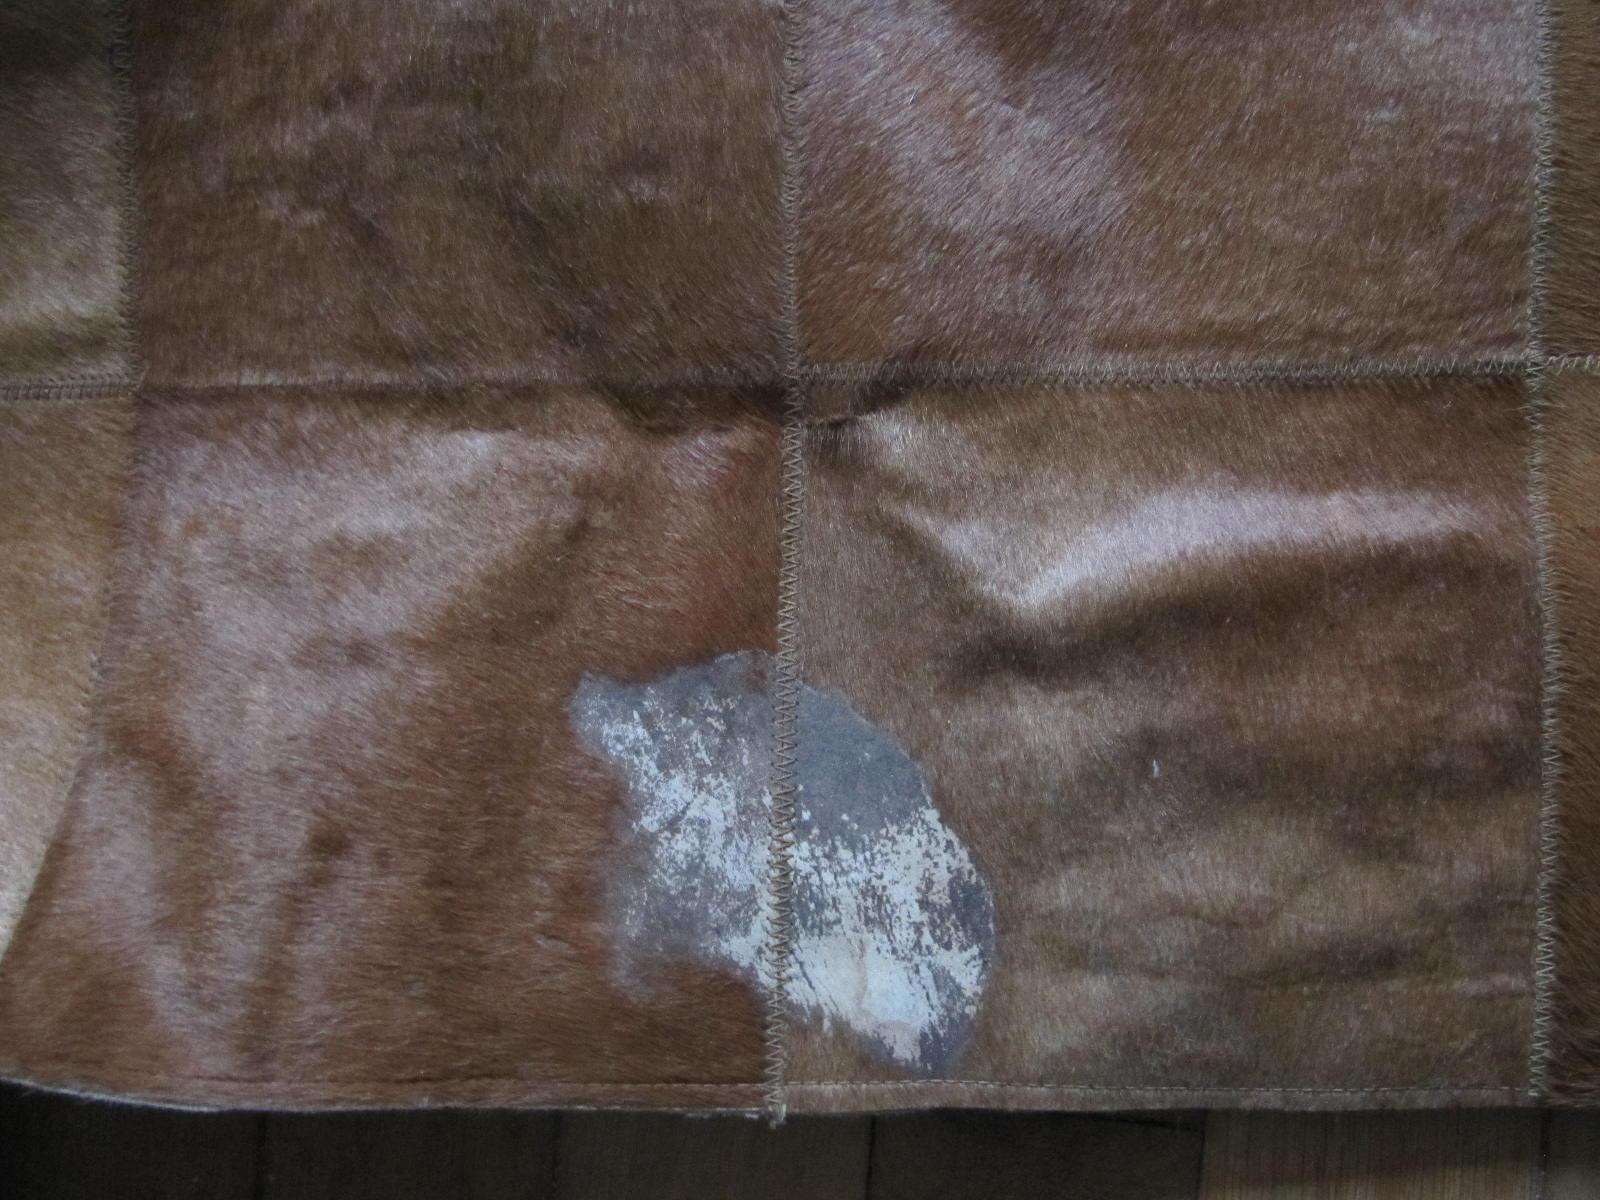 vendu tapis en peau de vache 183 mes collections ordo ab chao